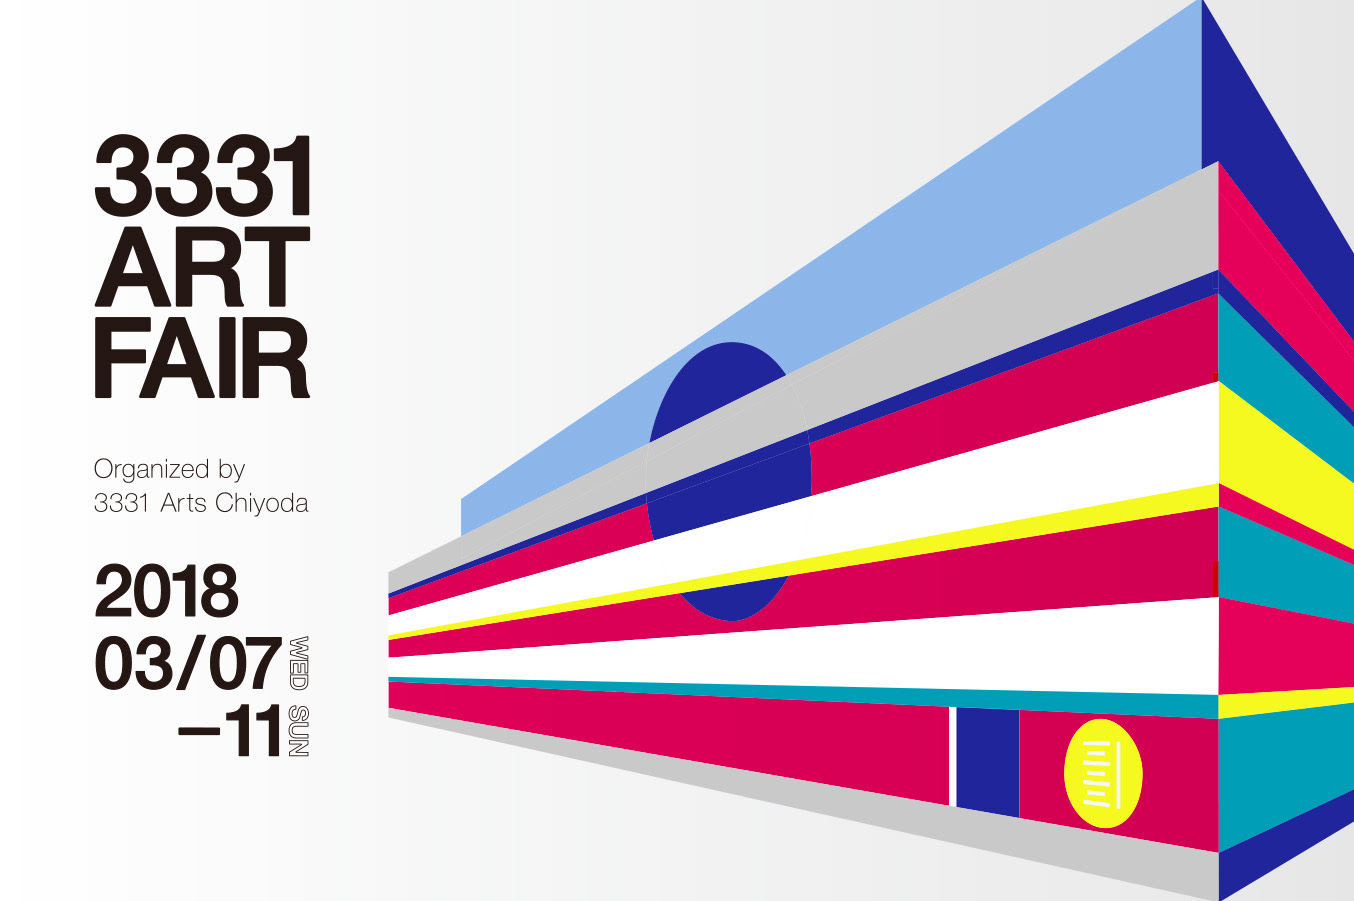 新年早々アートにまみれろ!「3331 ART FAIR 2018」【おすすめフェア】